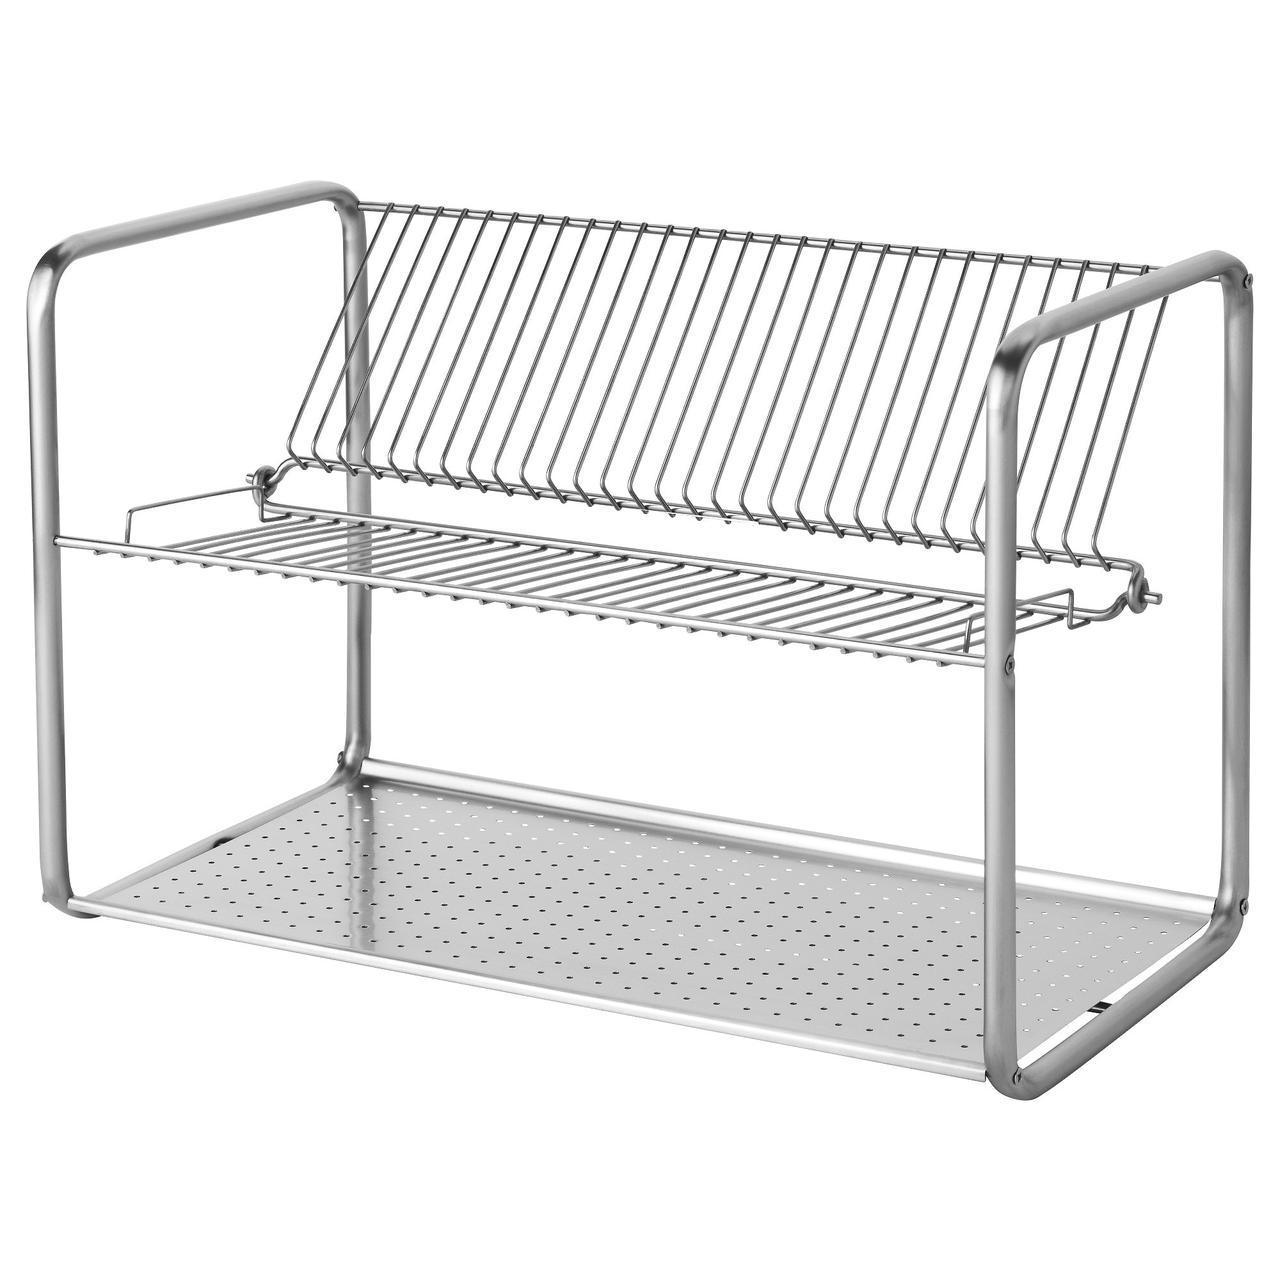 IKEA ORDNING (100.181.94) Сушилка посудная, нержавеющая сталь